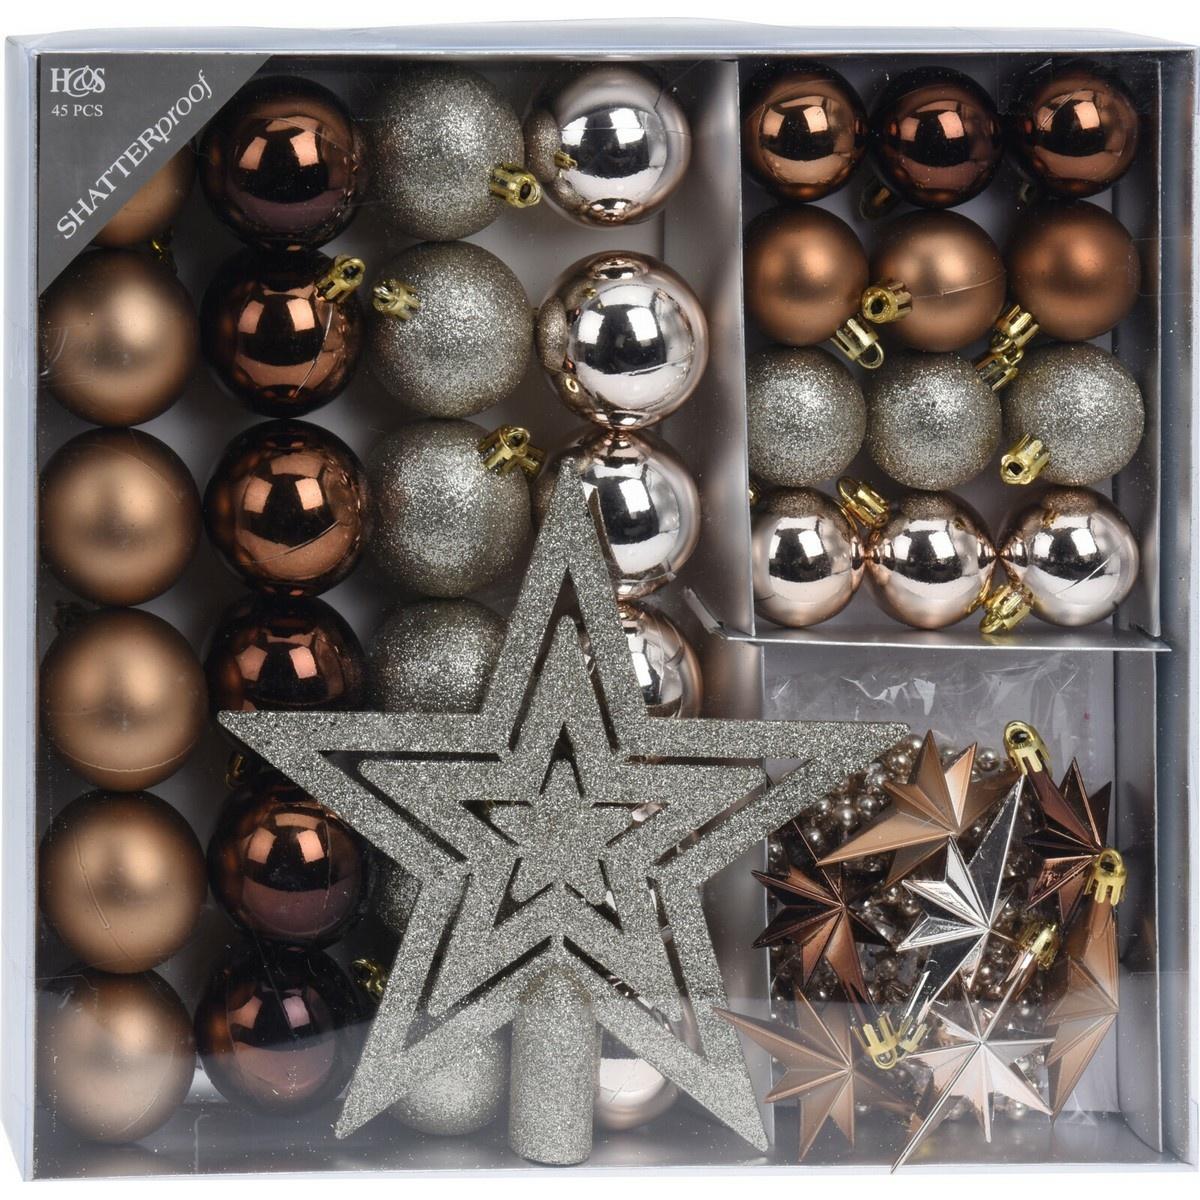 Sada vánočních ozdob Ribera 45 ks, hnědá